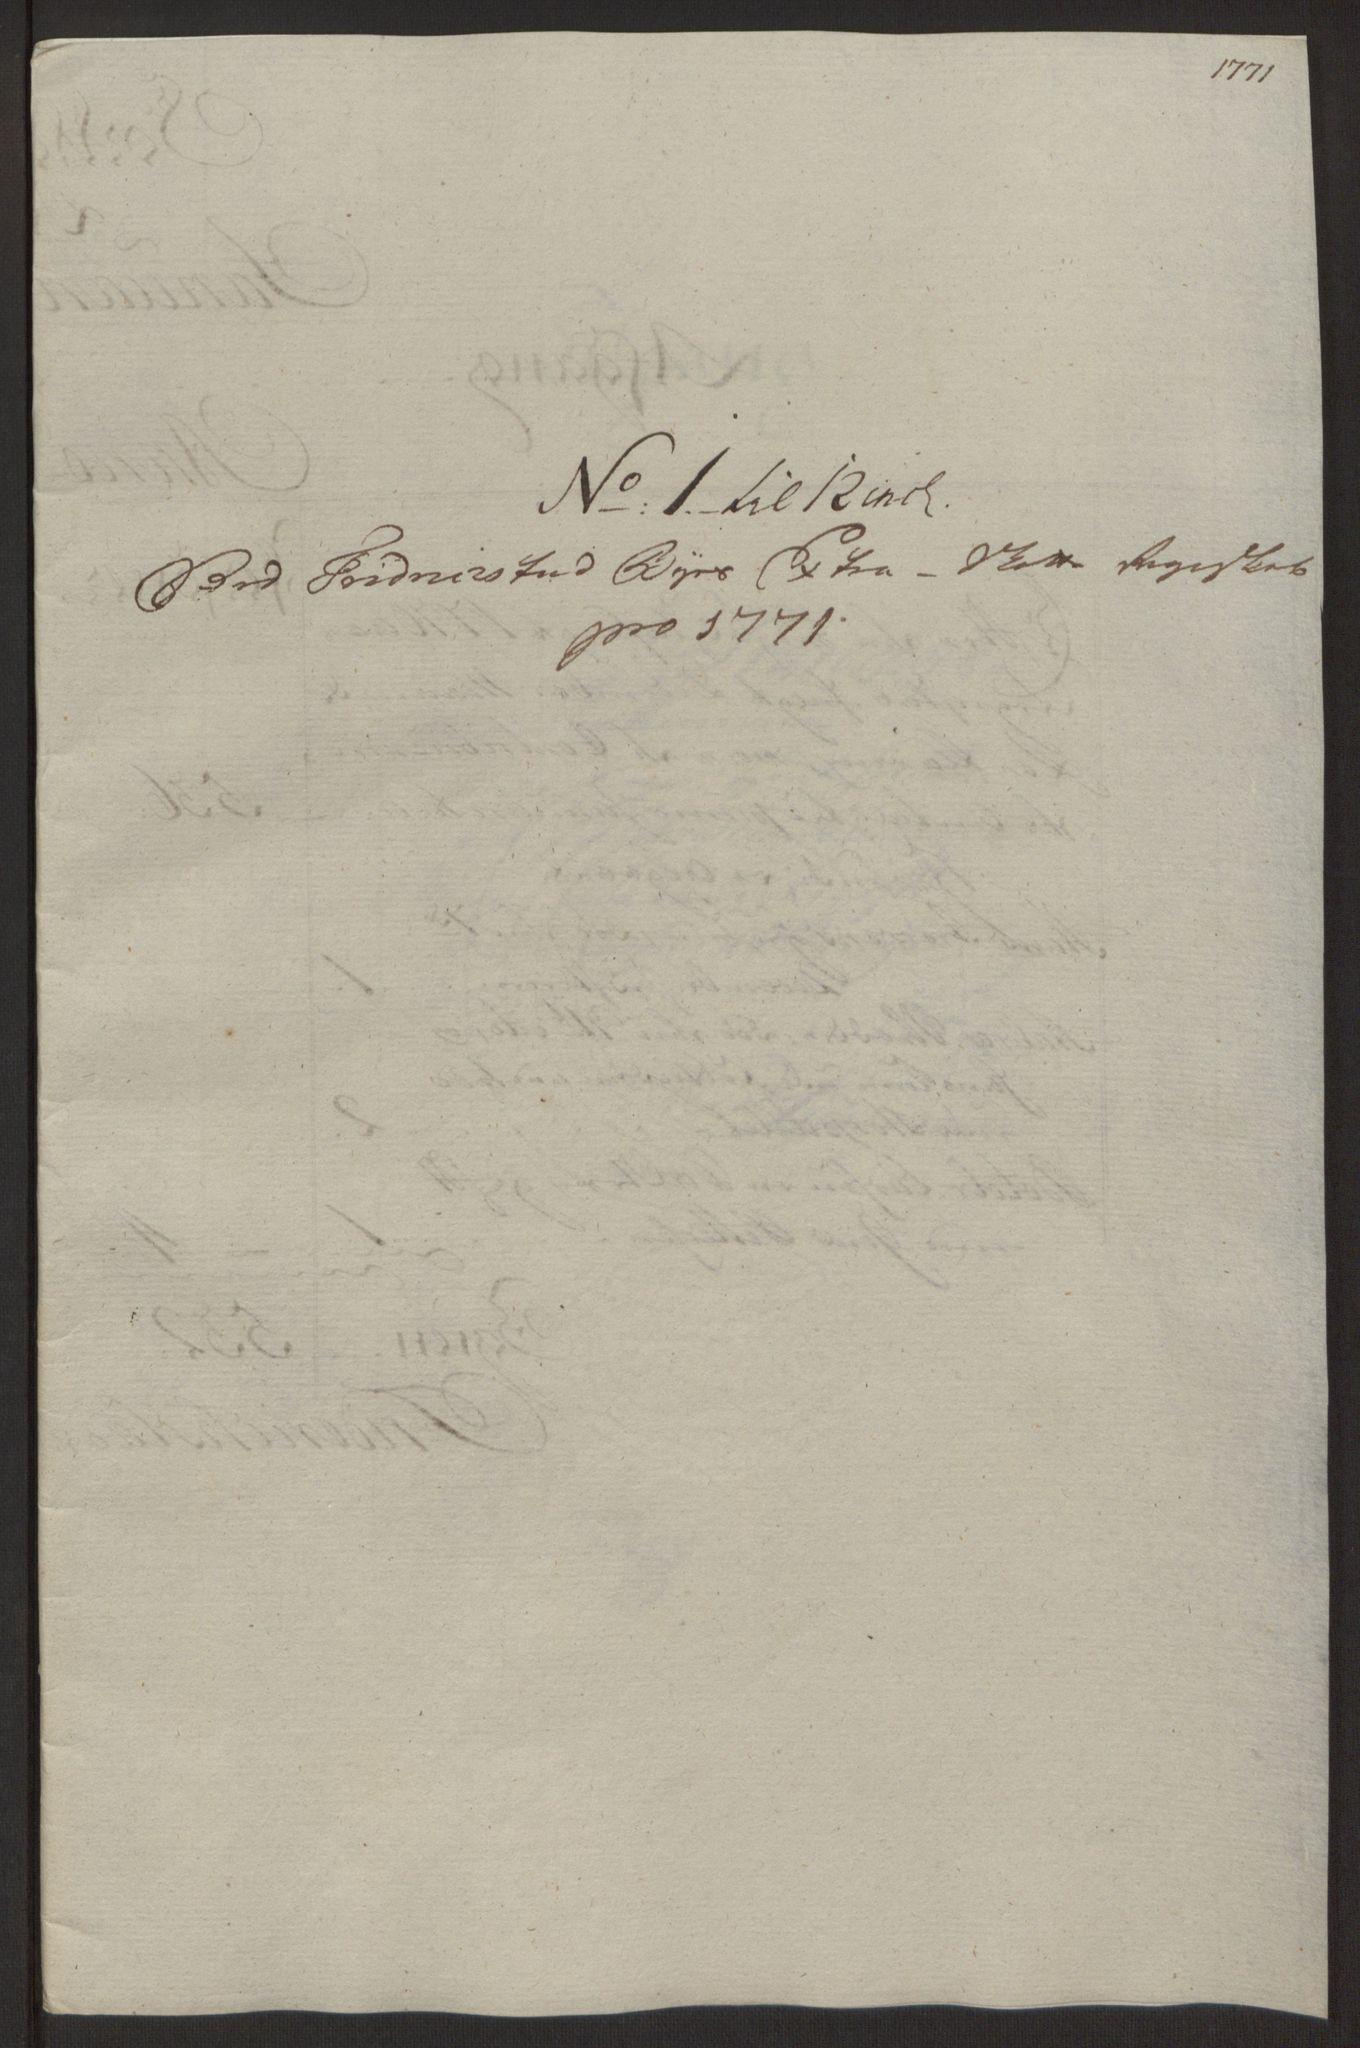 RA, Rentekammeret inntil 1814, Reviderte regnskaper, Byregnskaper, R/Rb/L0029: [B3] Kontribusjonsregnskap, 1762-1772, s. 375